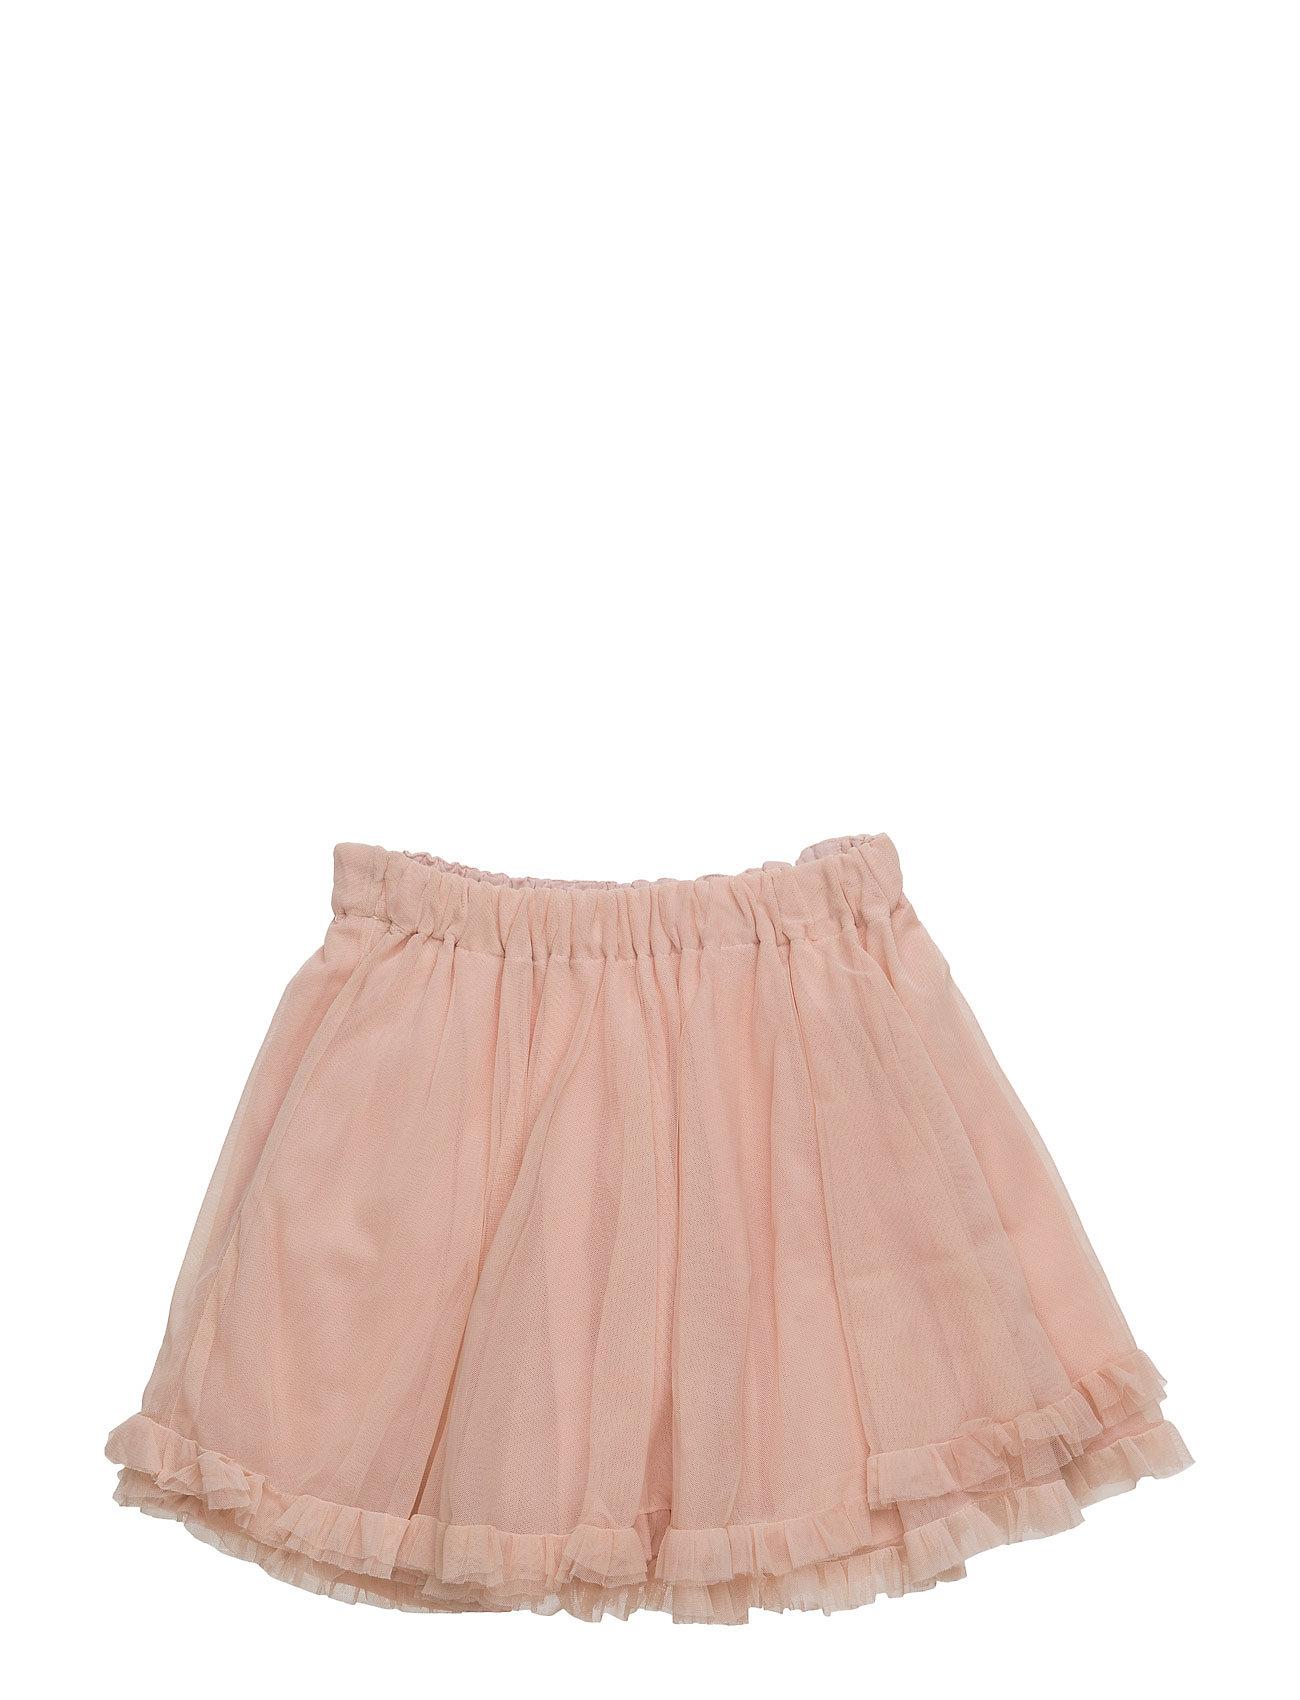 3e8c07e5c6f Bestil Skirt Noa Noa Miniature Kjoler & Nederdele i til Piger i en online  modebutik